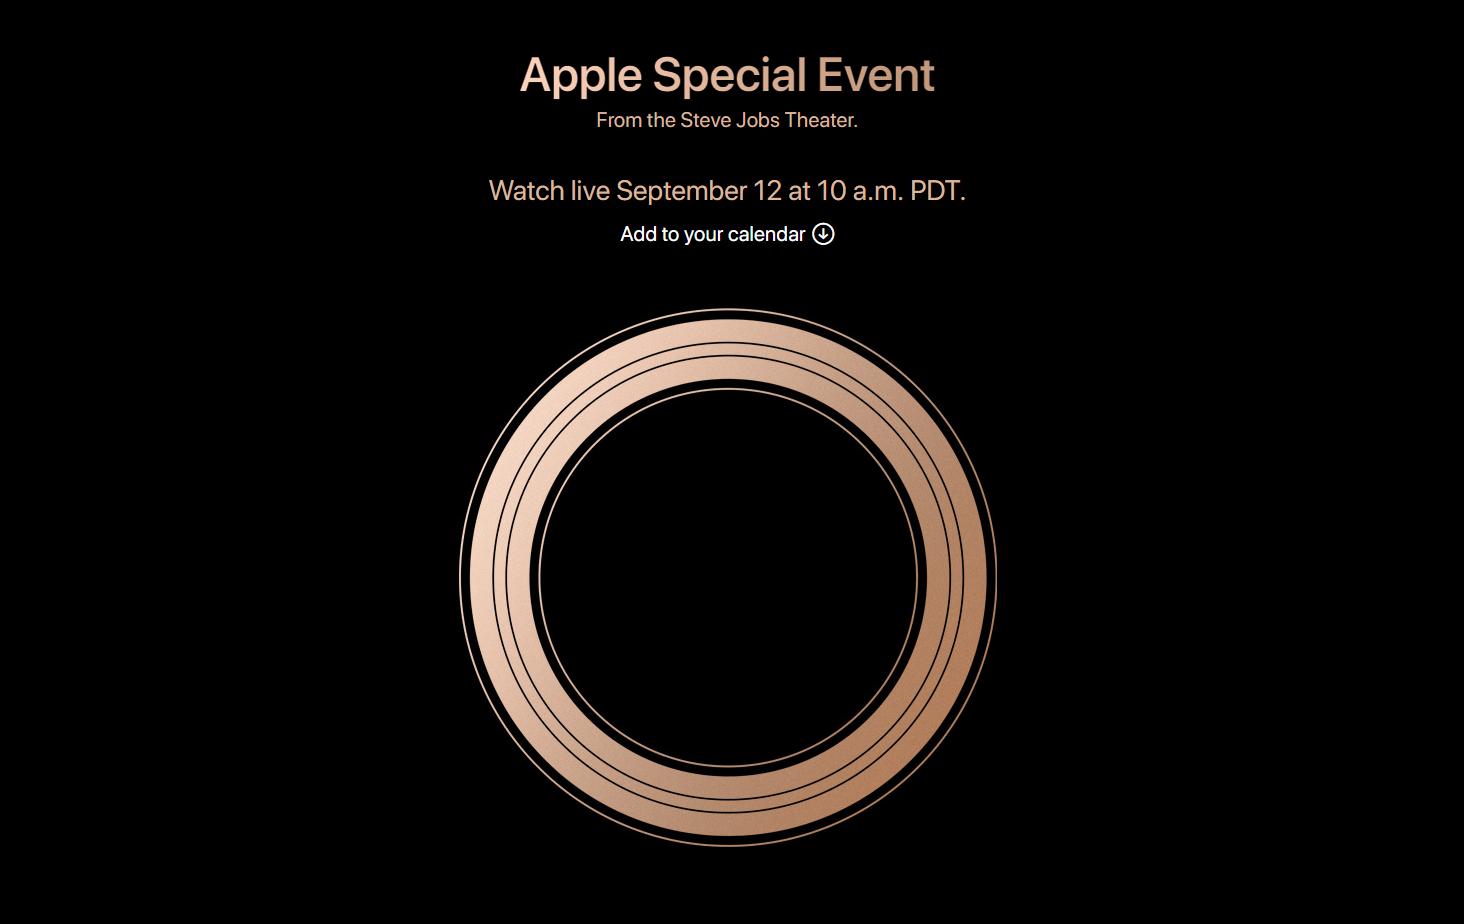 apple - 【ガジェット/スマホ】Apple新製品の発表は2018年9月12日に決定!新型iPhone来るか?